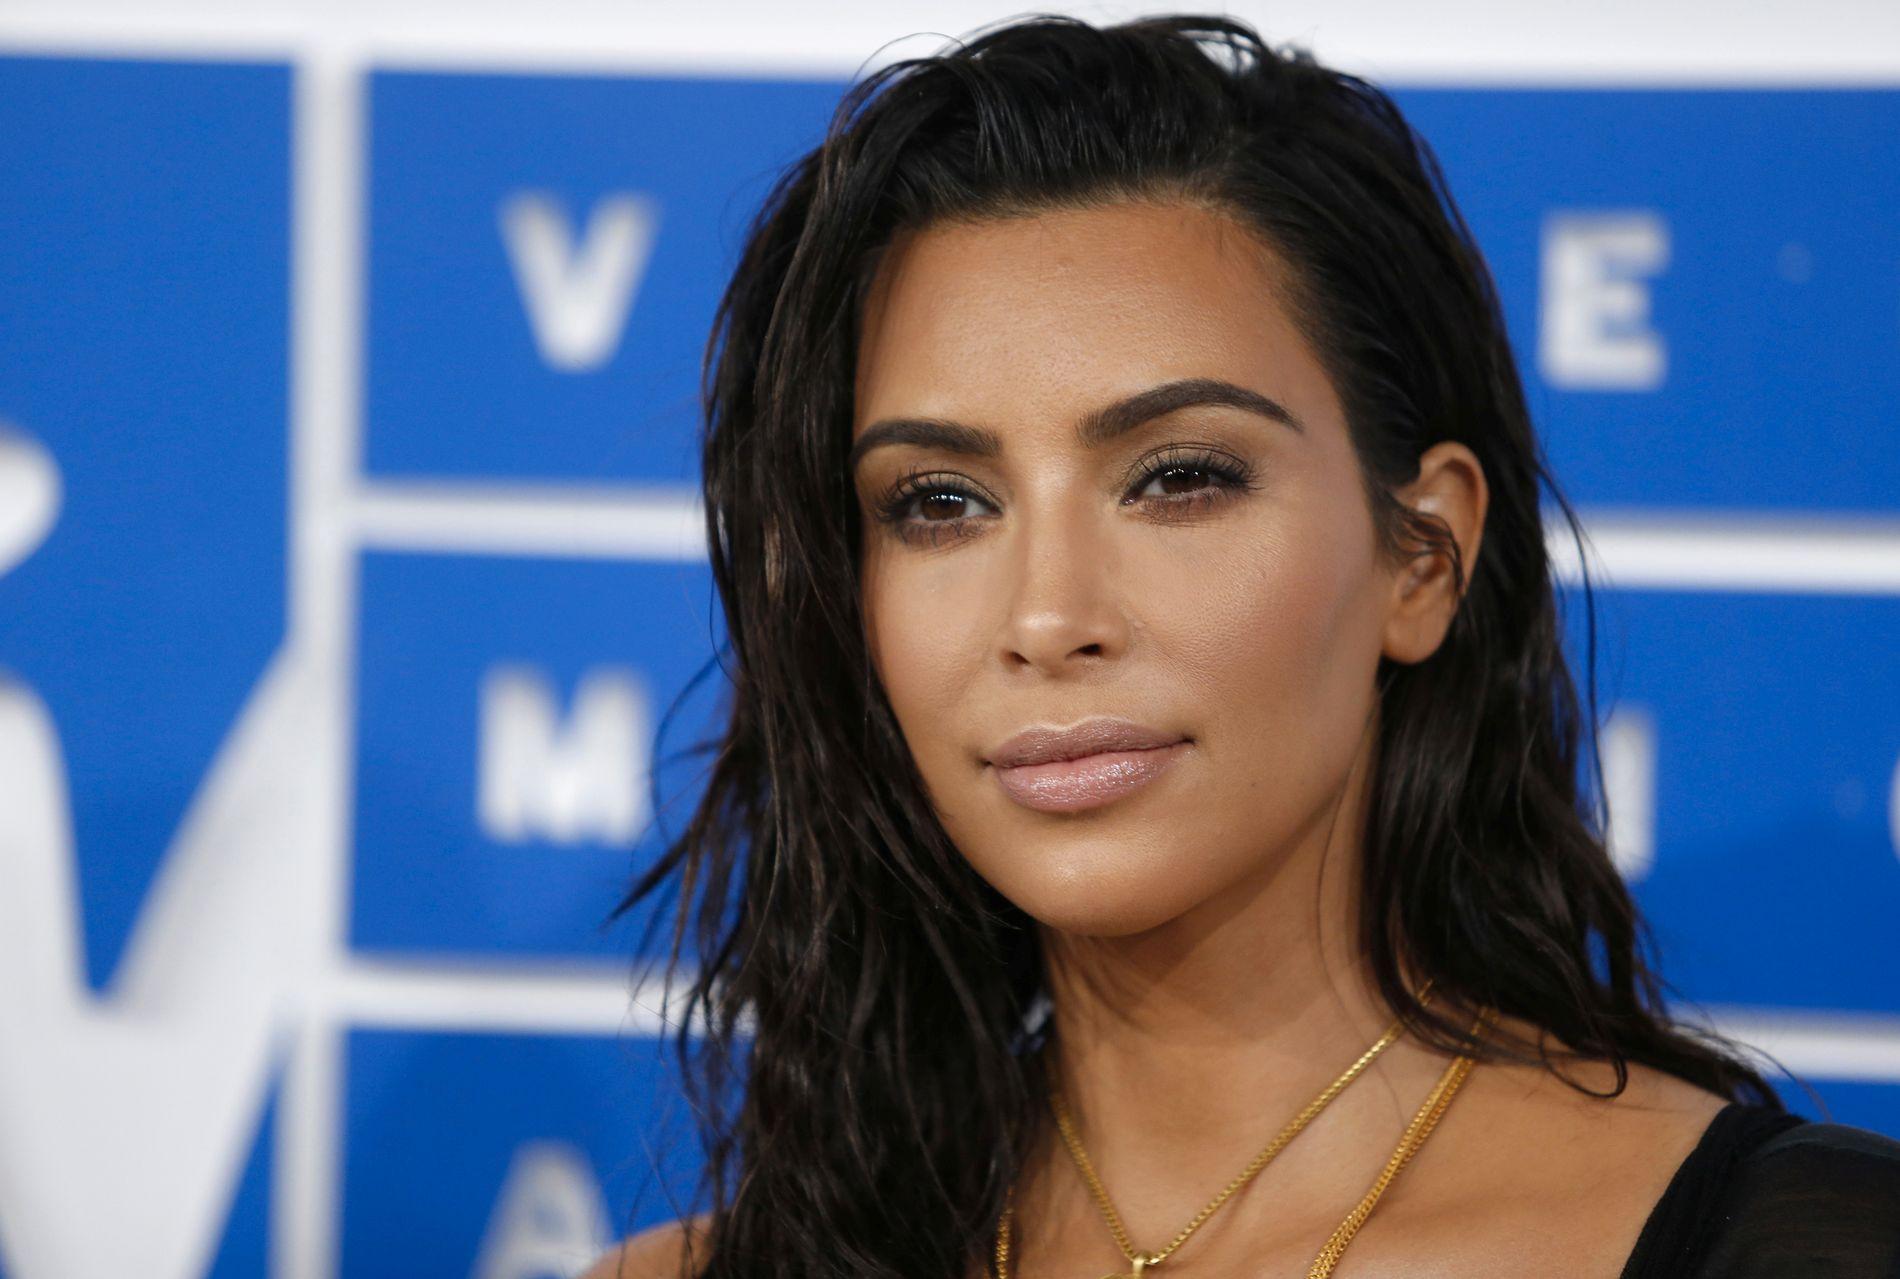 KIMS LEK: Besøket hos Donald Trump ga mersmak. Nå skal Kim Kardashian West bruke makten sin til å hjelpe flere kvinner i amerikanske fengsler.